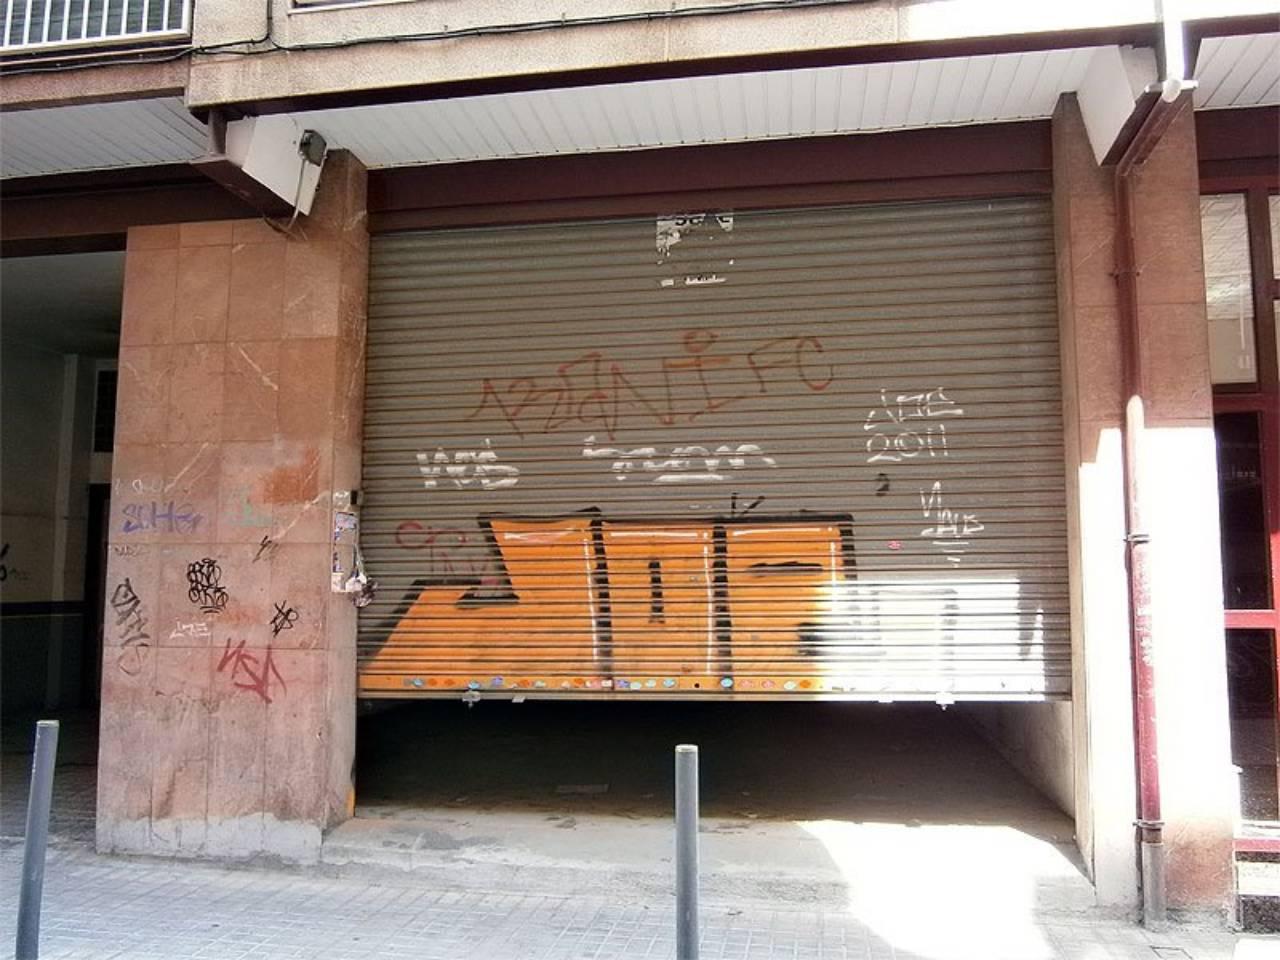 Local comercial en alquiler Sant Josep (L'Hospitalet de Llobregat)